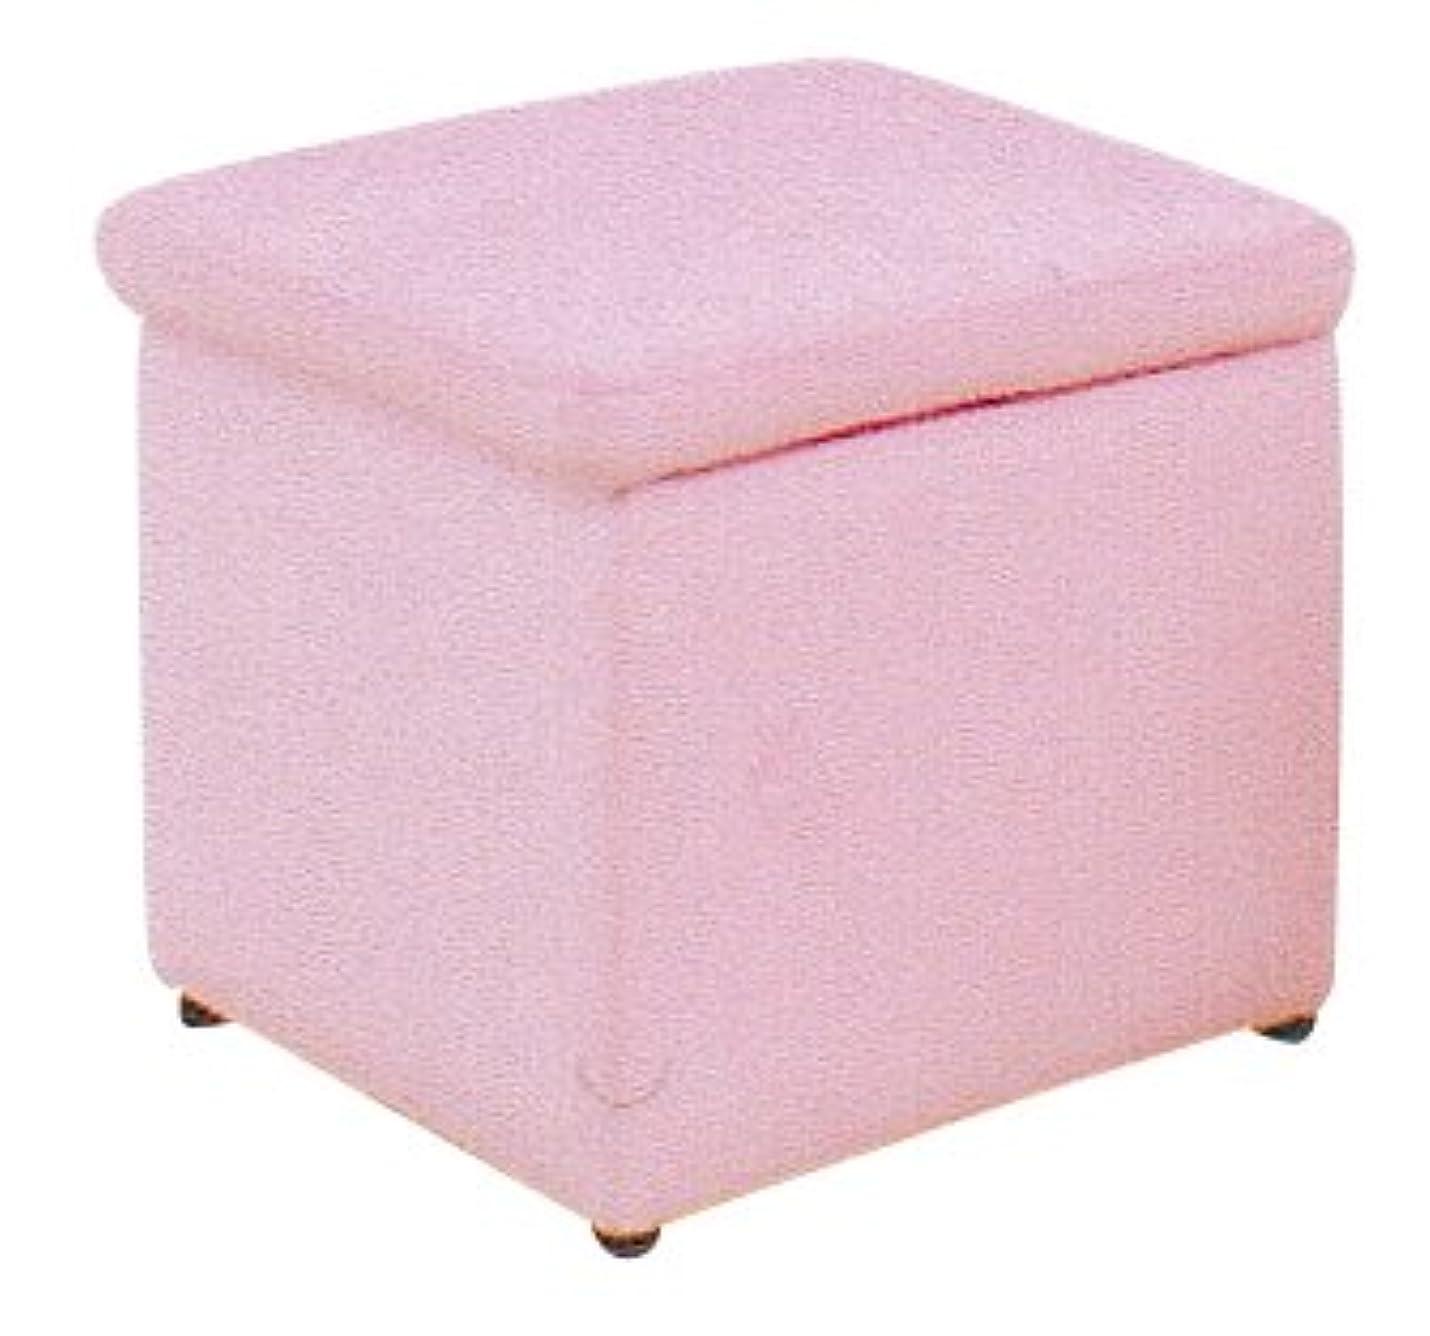 最適箱焦がす家具の大川屋 収納もできるオットマン(スツール)カラー全12色 全面革張り(合成皮革) 【サイズ:幅38cm×奥行38cm×高さ40cm】 カラー:ピンク